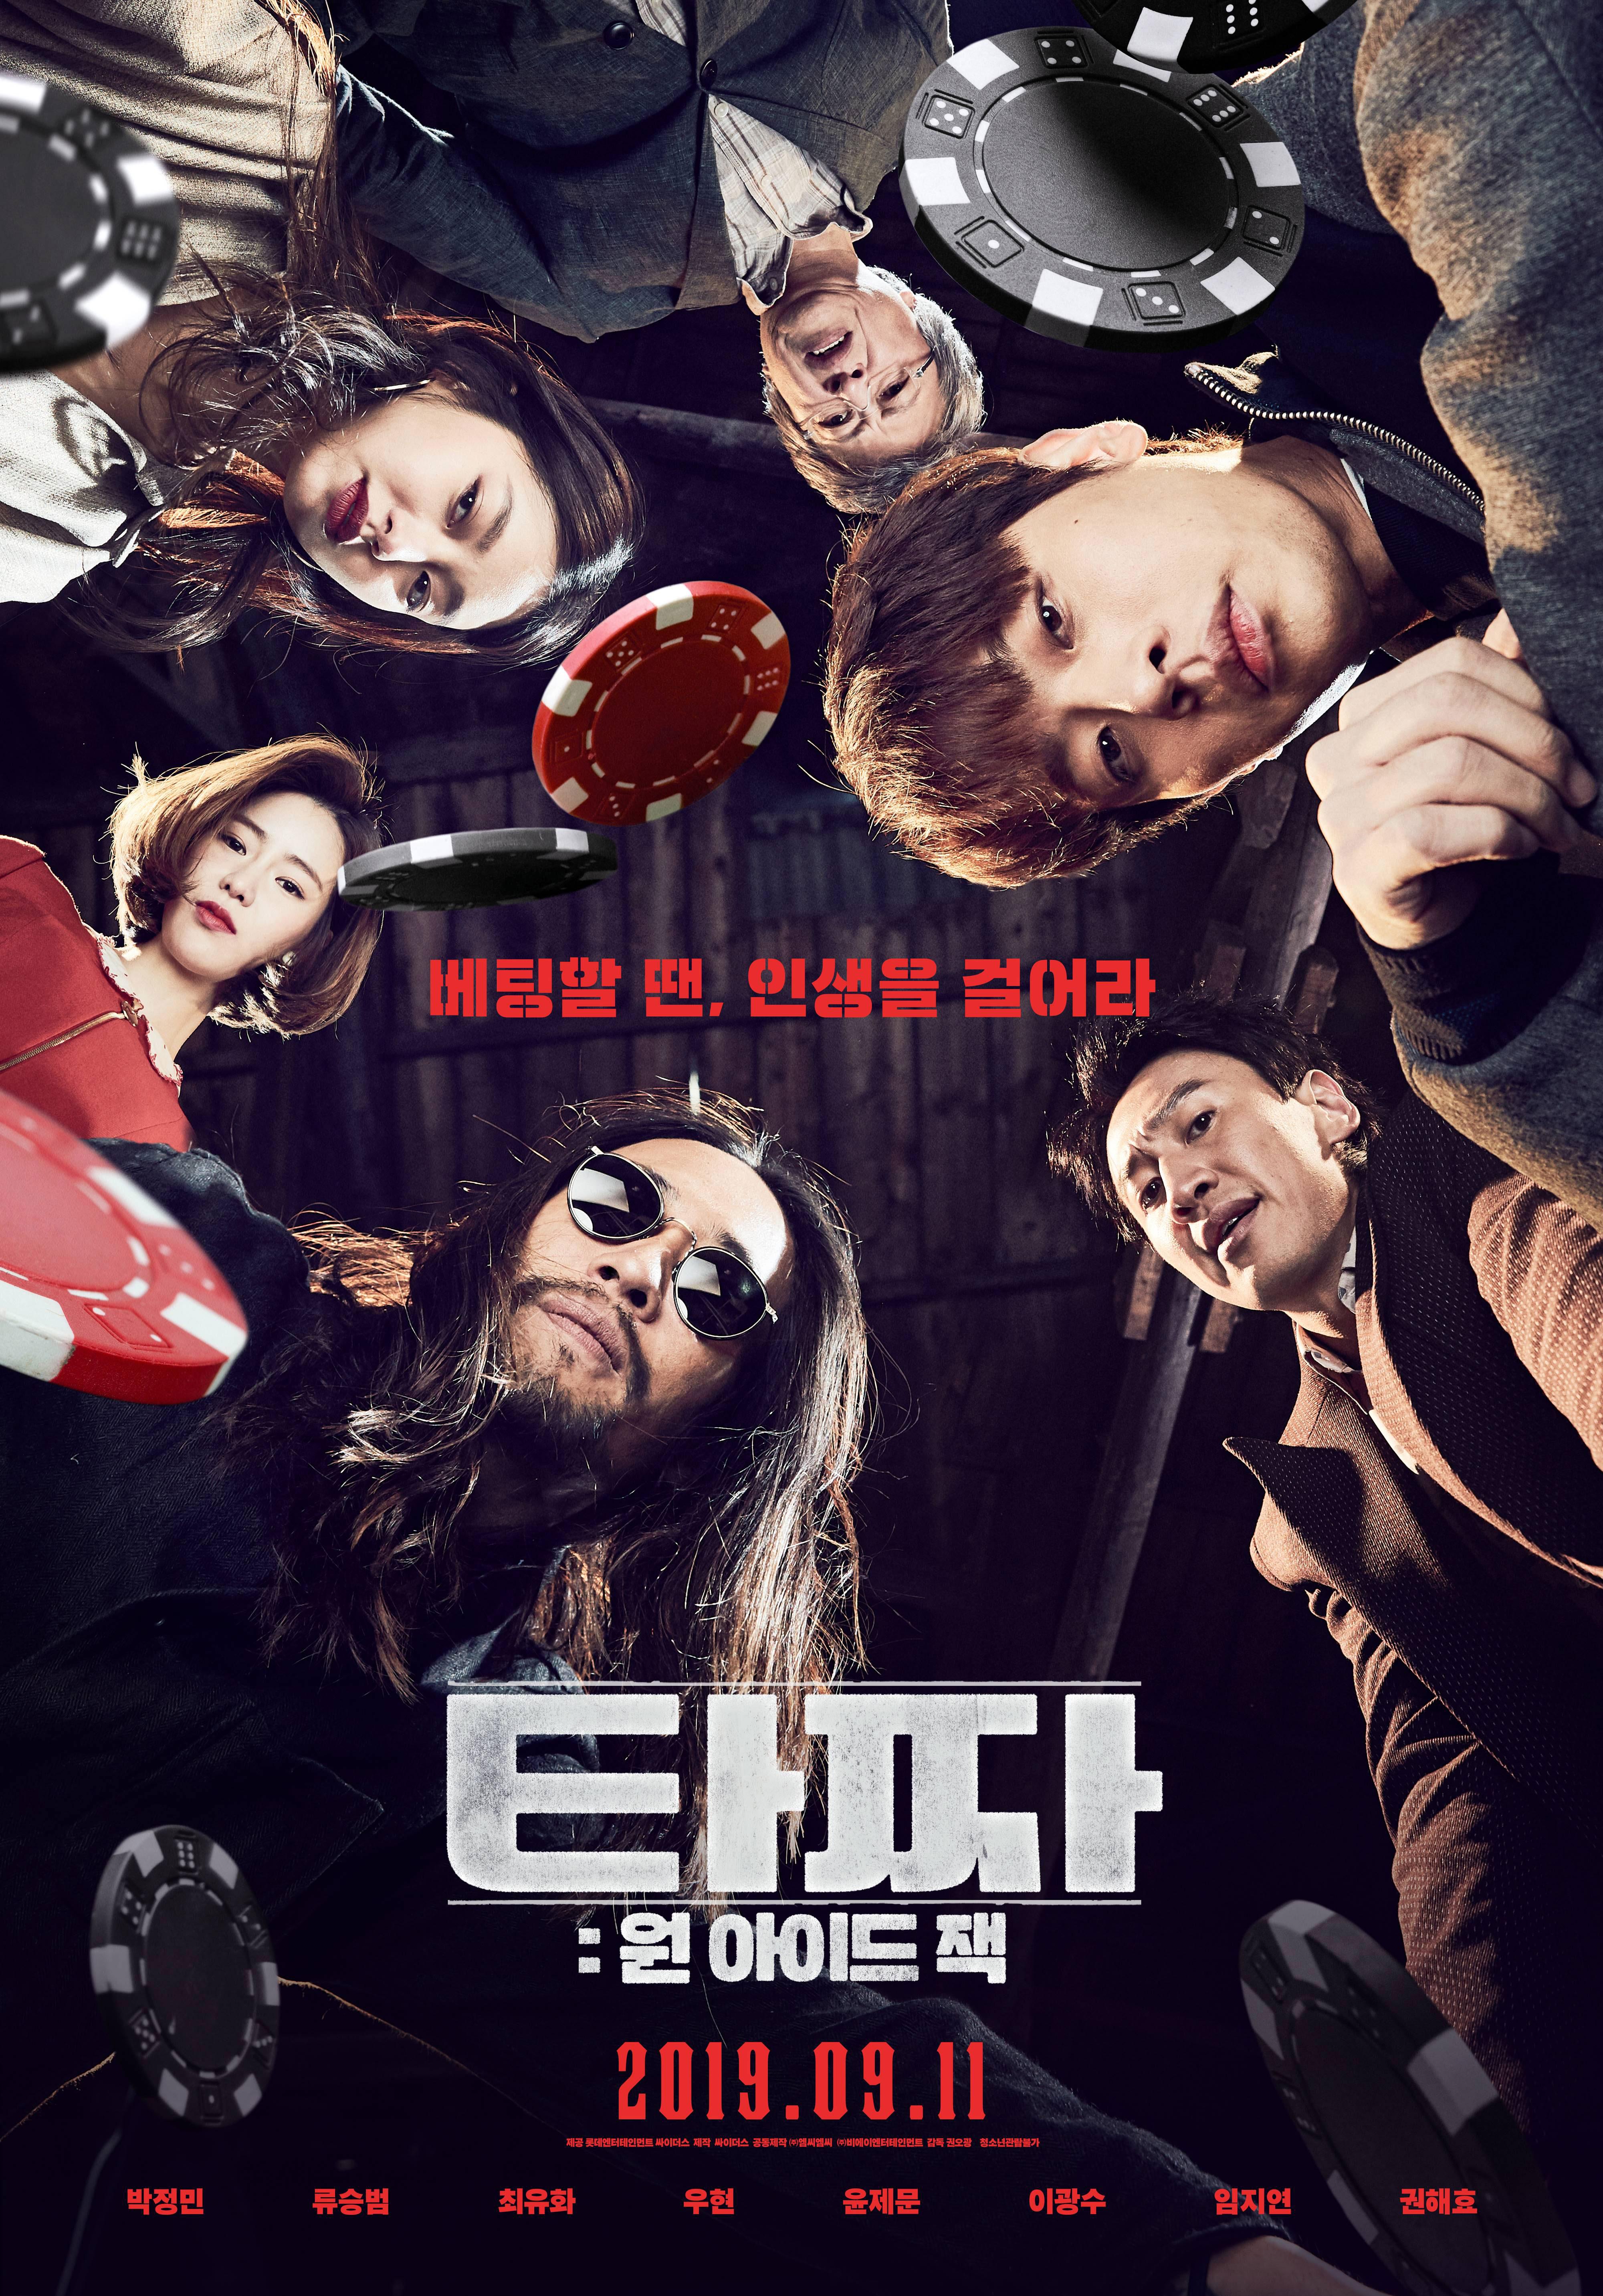 2019 韓國《老千3:獨眼杰克》影片圍繞撲克牌賭博展開